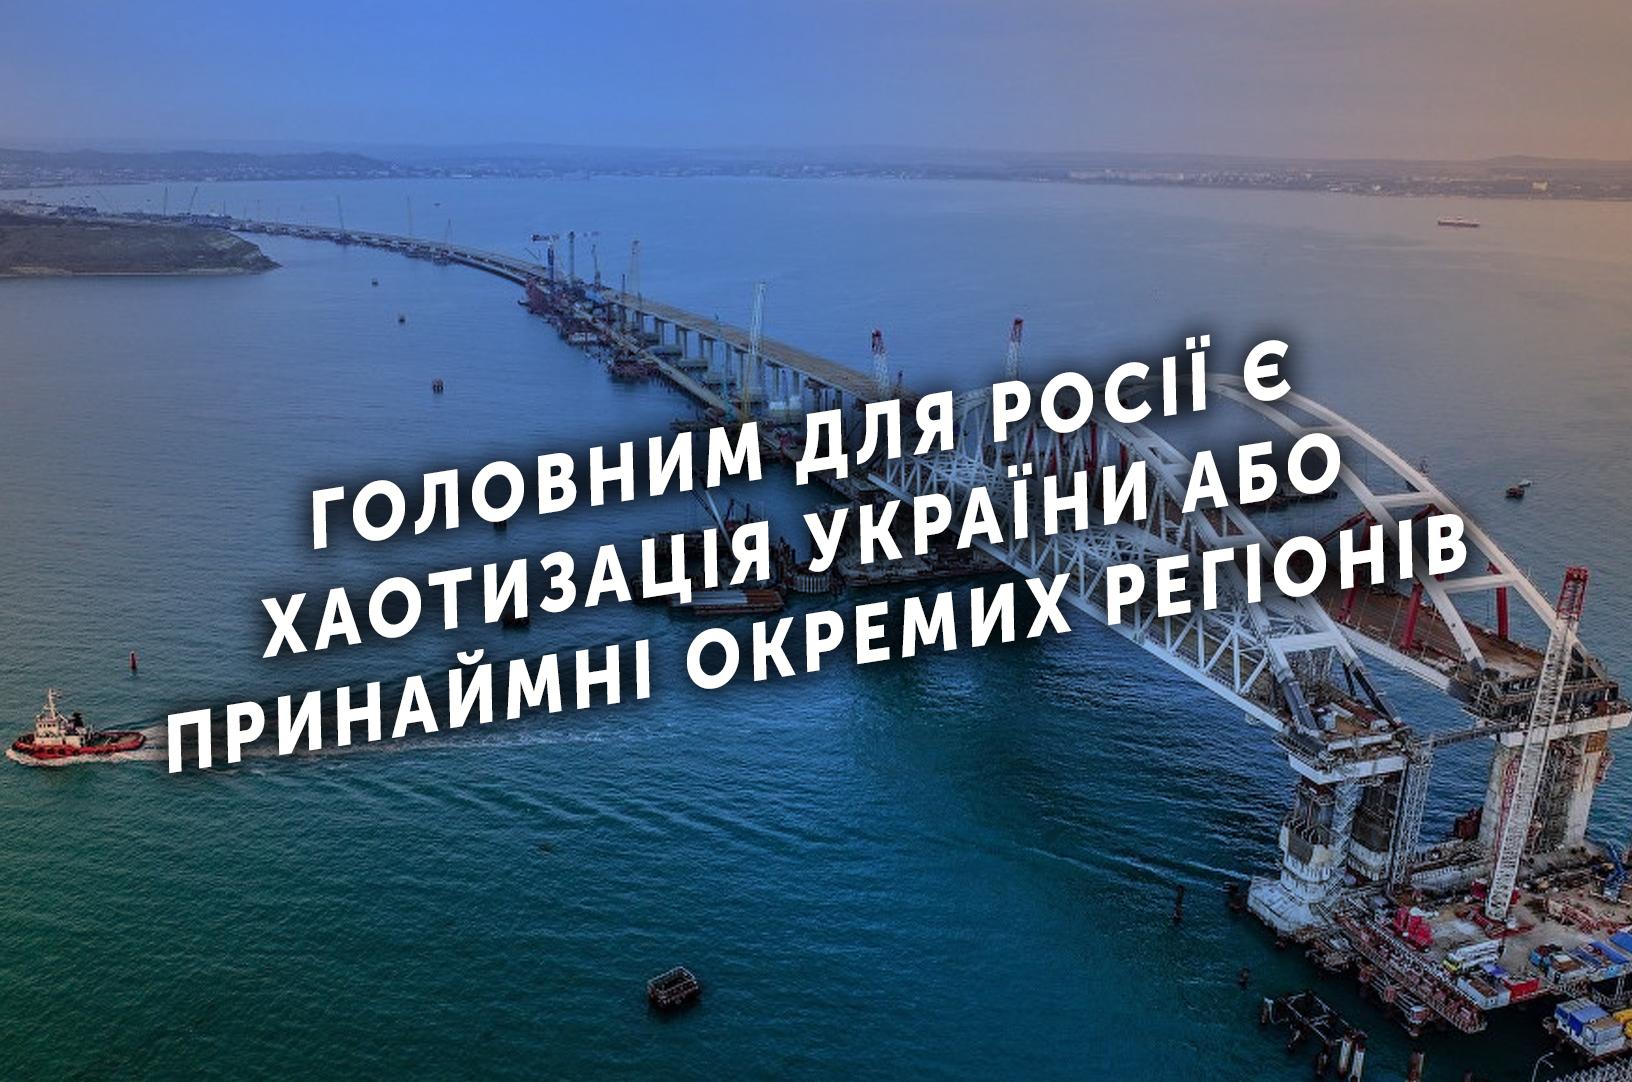 Головним для Росії є хаотизація України або принаймні окремих регіонів